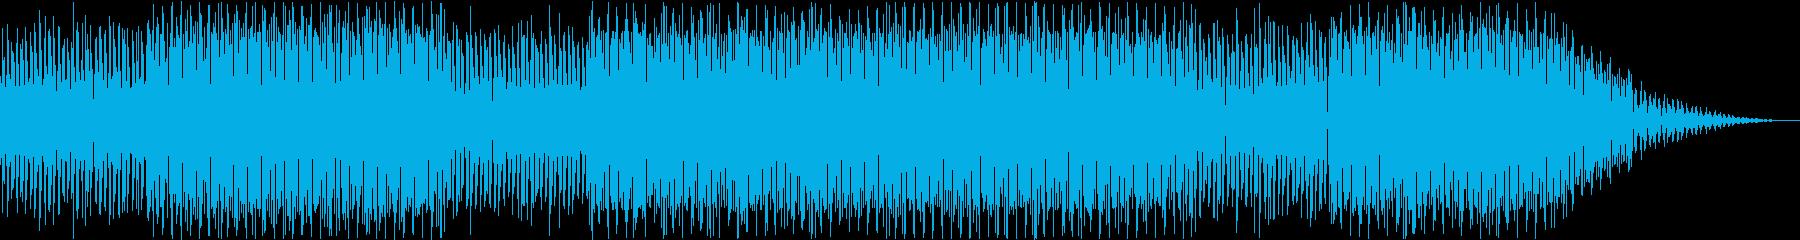 おしゃれな未来感のあるEDMの再生済みの波形